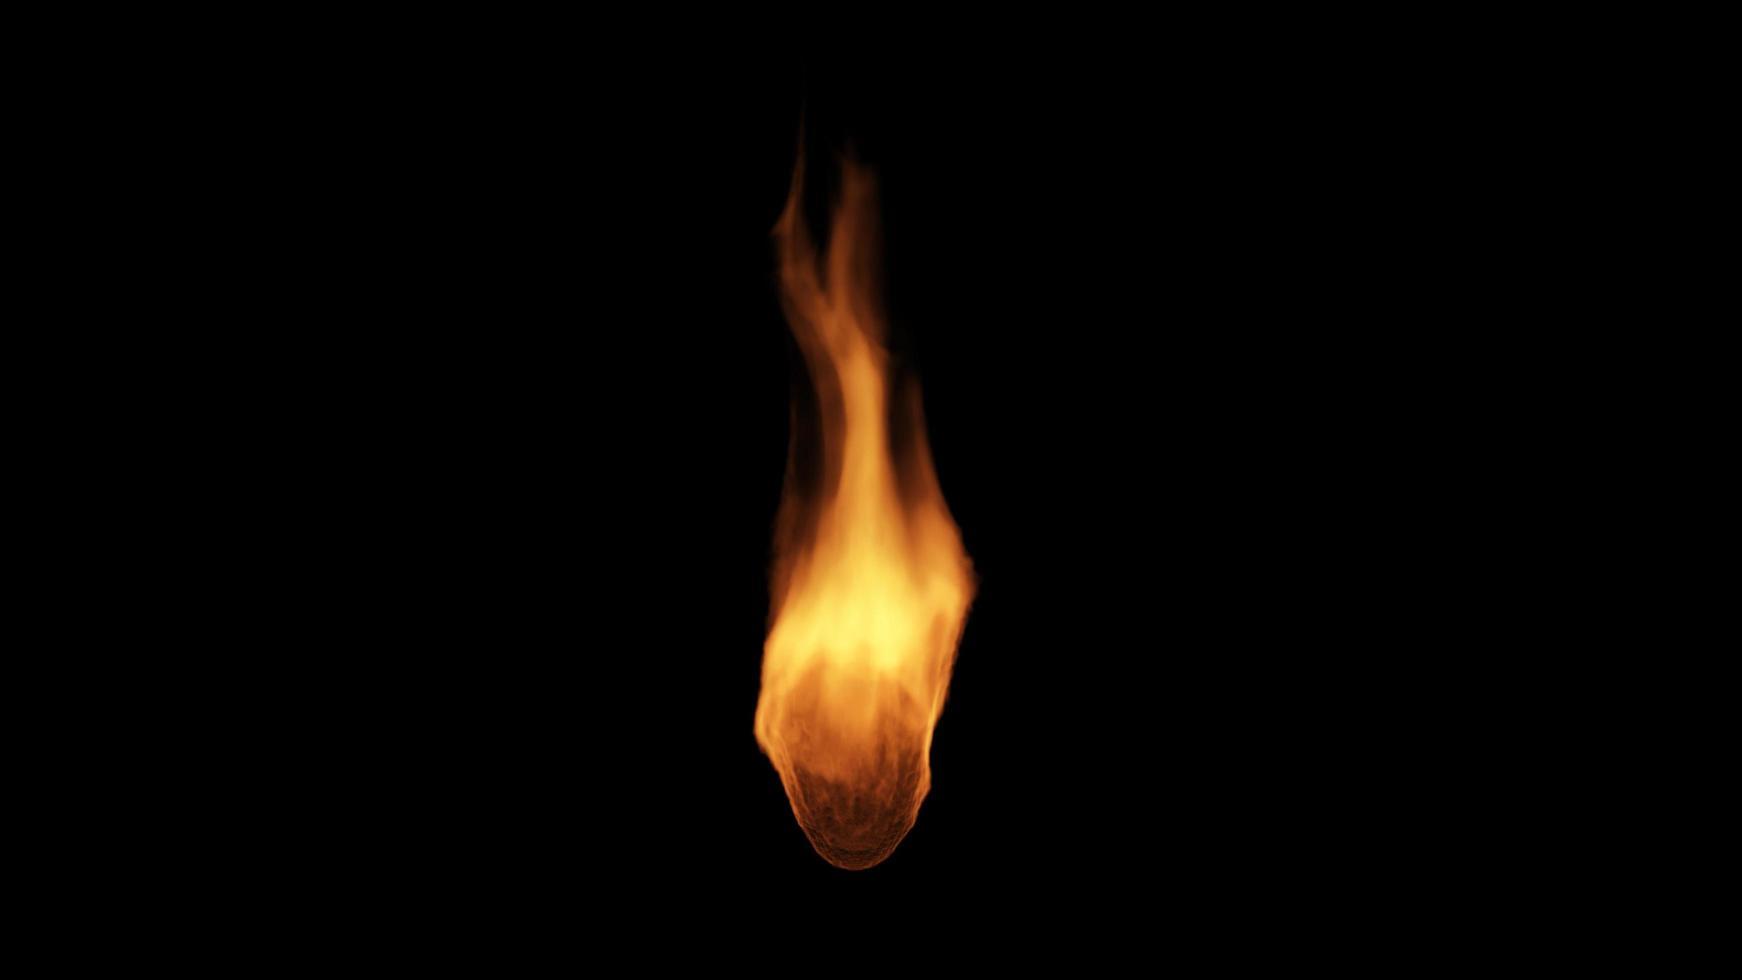 fuego ardiendo sobre fondo negro foto